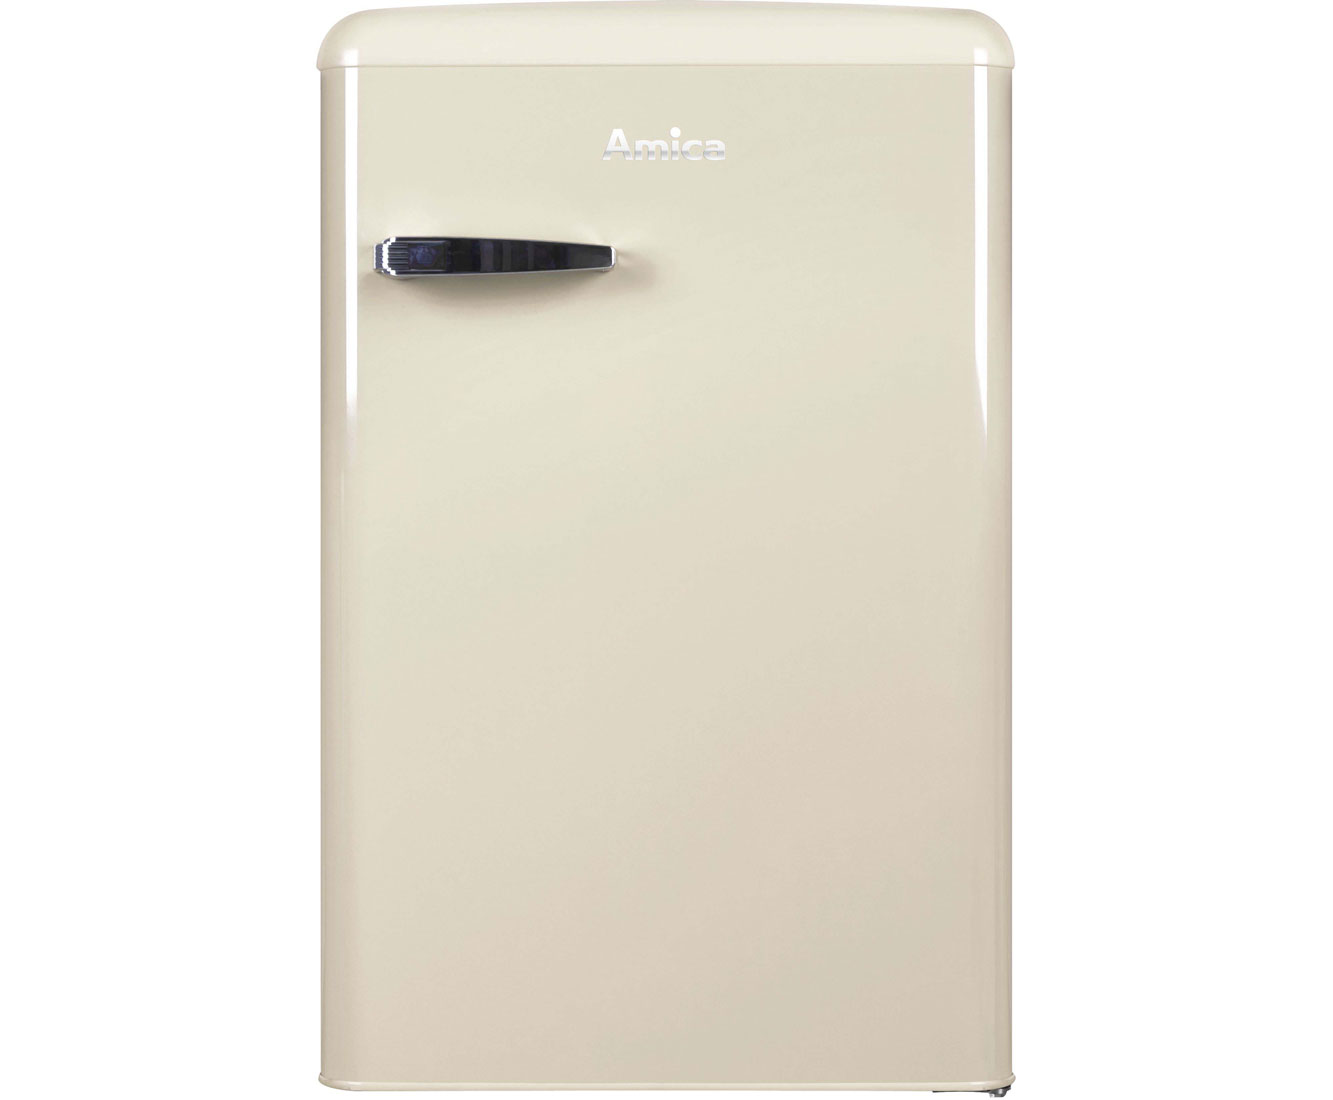 Amica Kühlschrank Mit Gefrierfach Retro : Amica retro design ks 15615 b kühlschrank mit gefrierfach beige